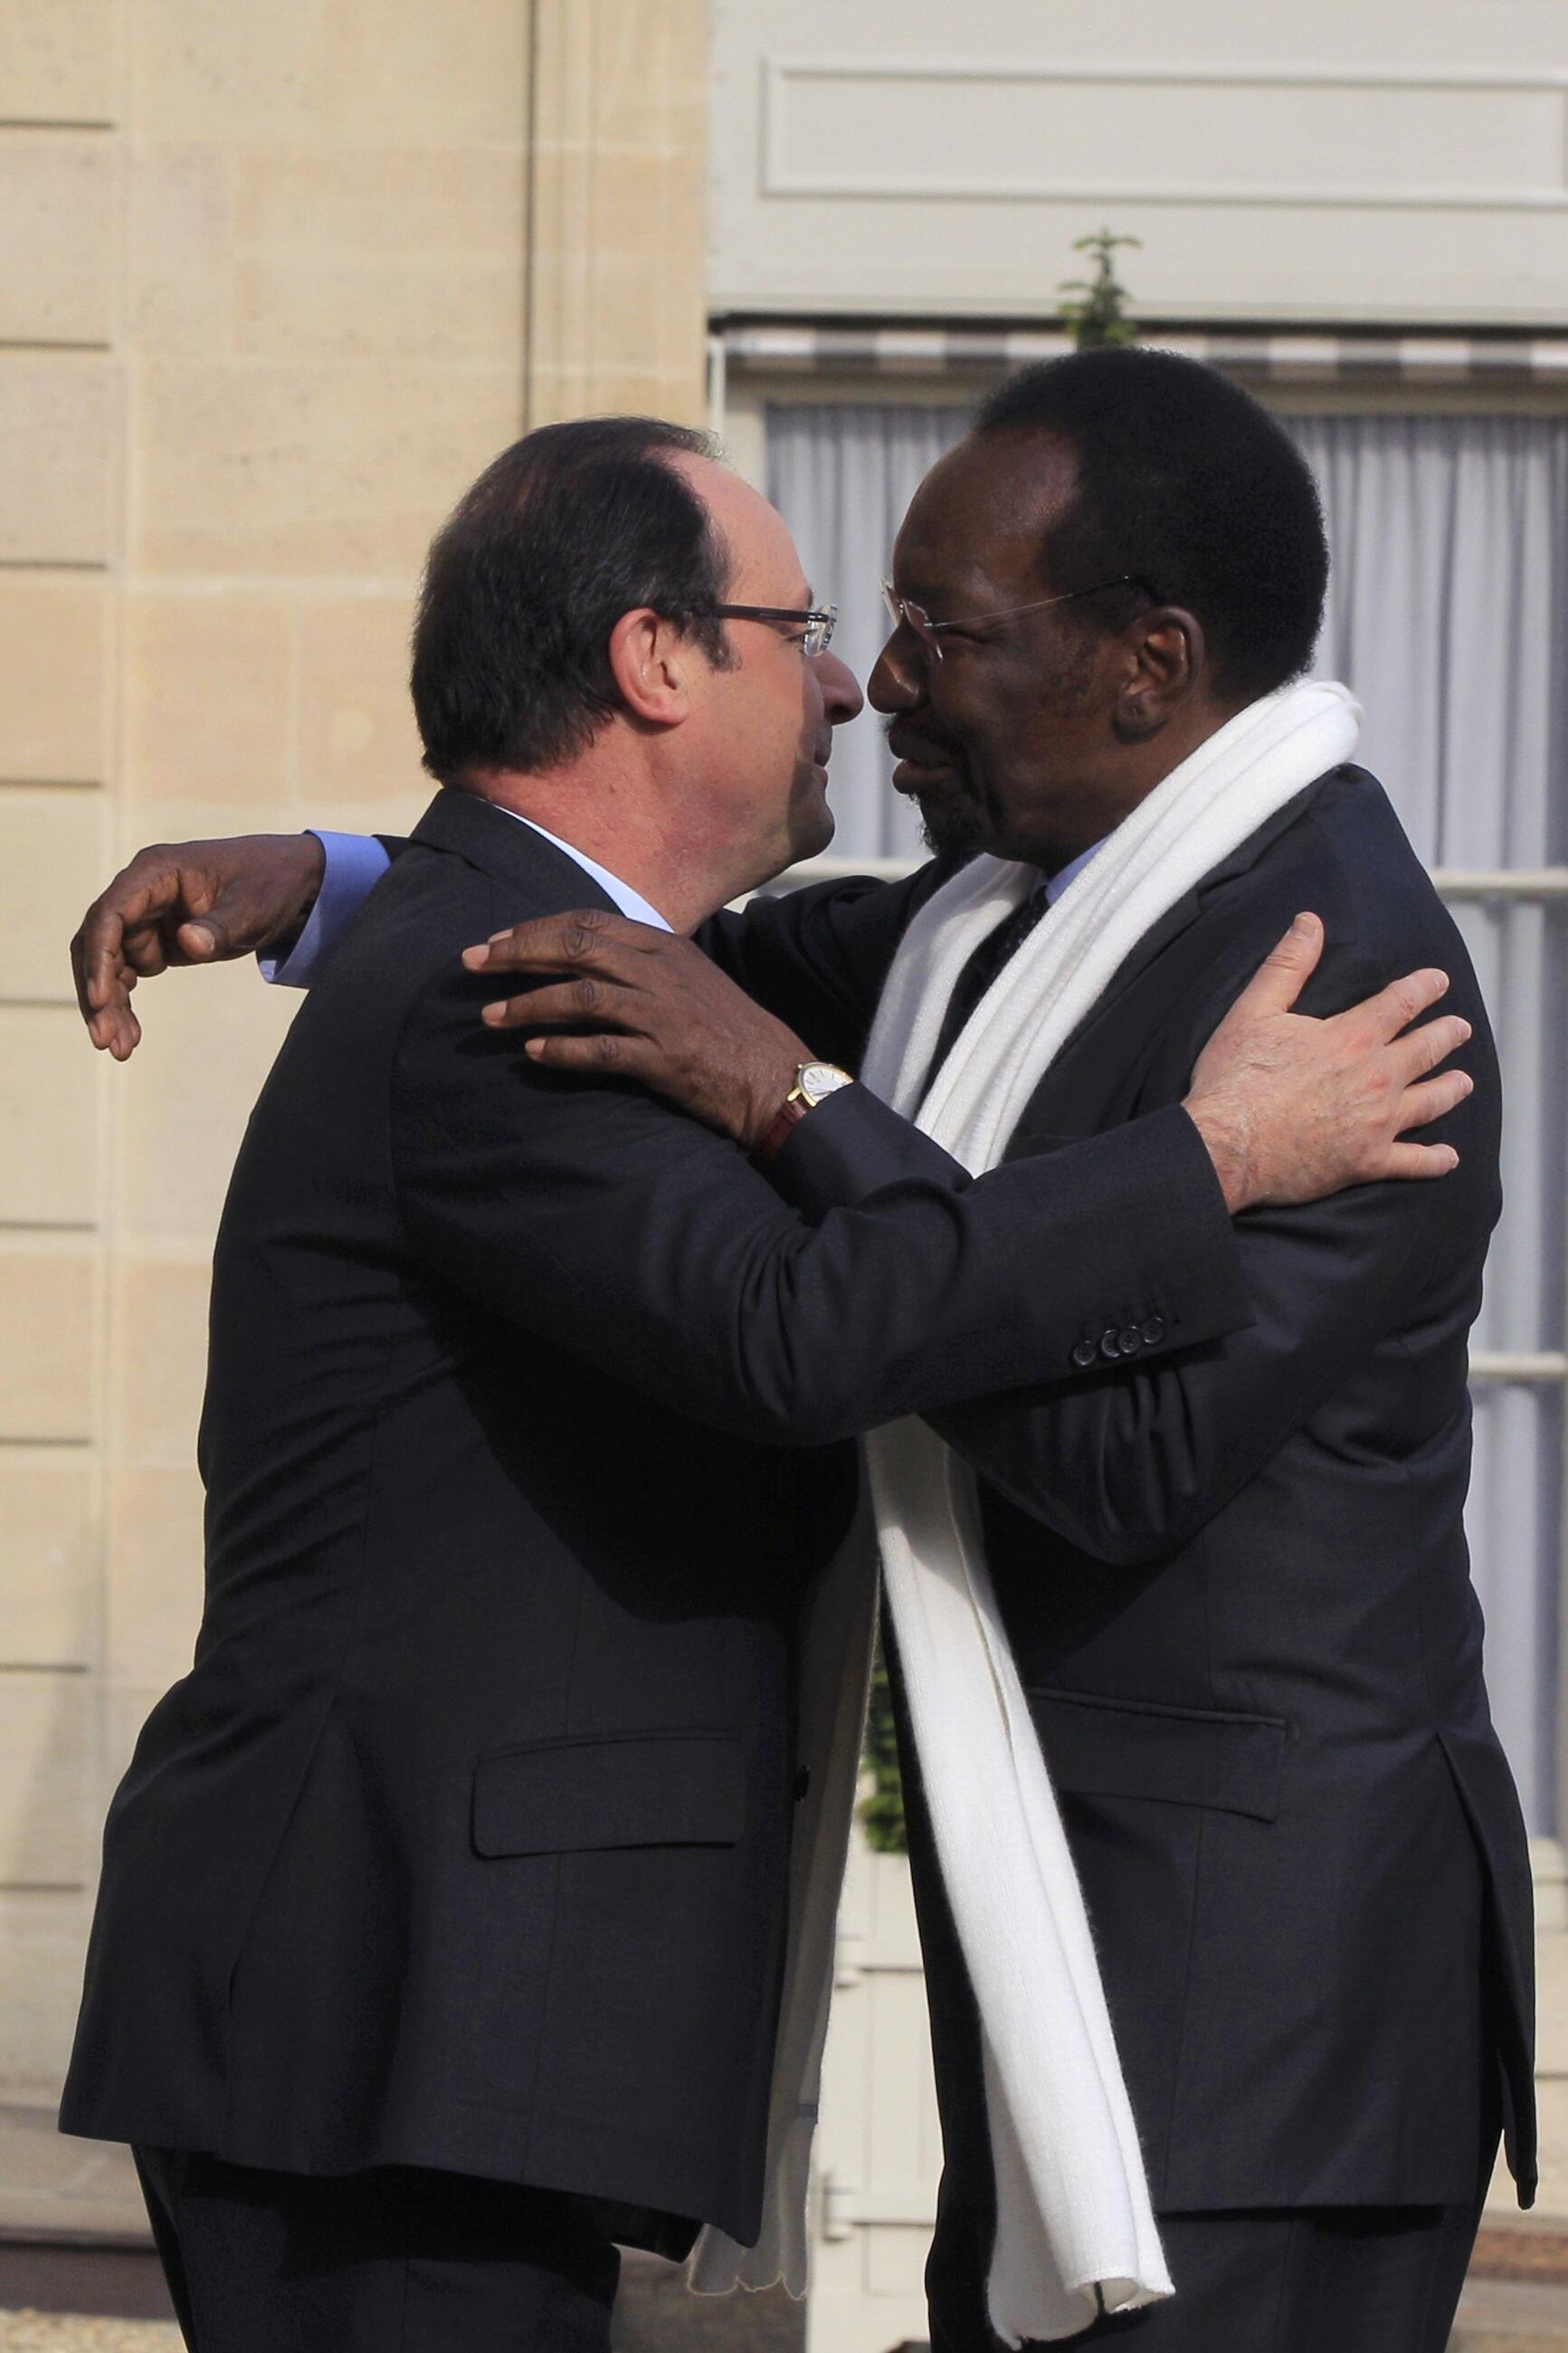 Президент Франции Ф.Олланд и президент Мали Д.Траоре 17 мая 2013 в Париже